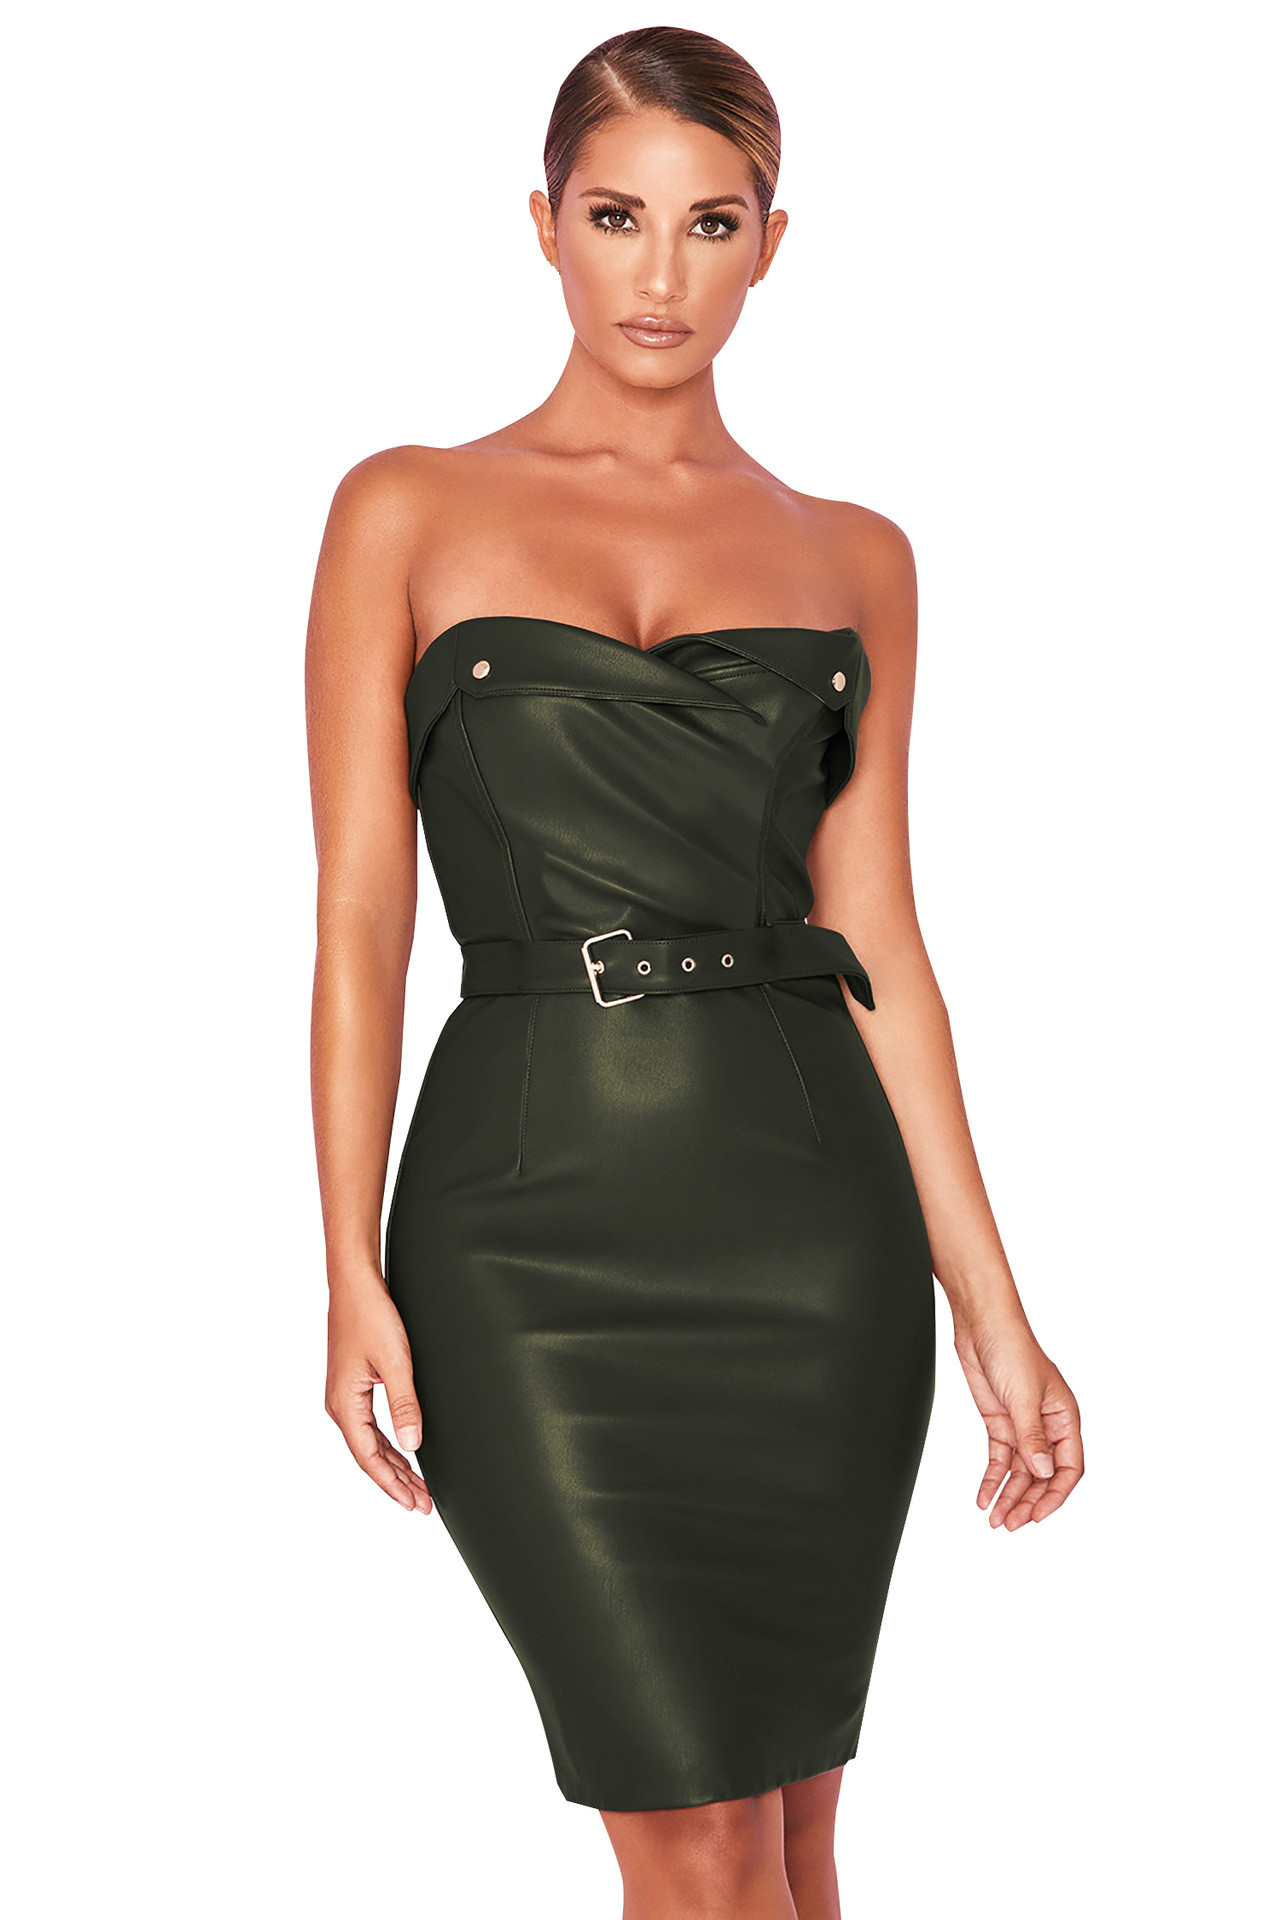 Сексуальное Клубное платье из искусственной кожи для девочек, зеленое, без бретелек, без рукавов, мини термокатодная трубка, обтягивающее п